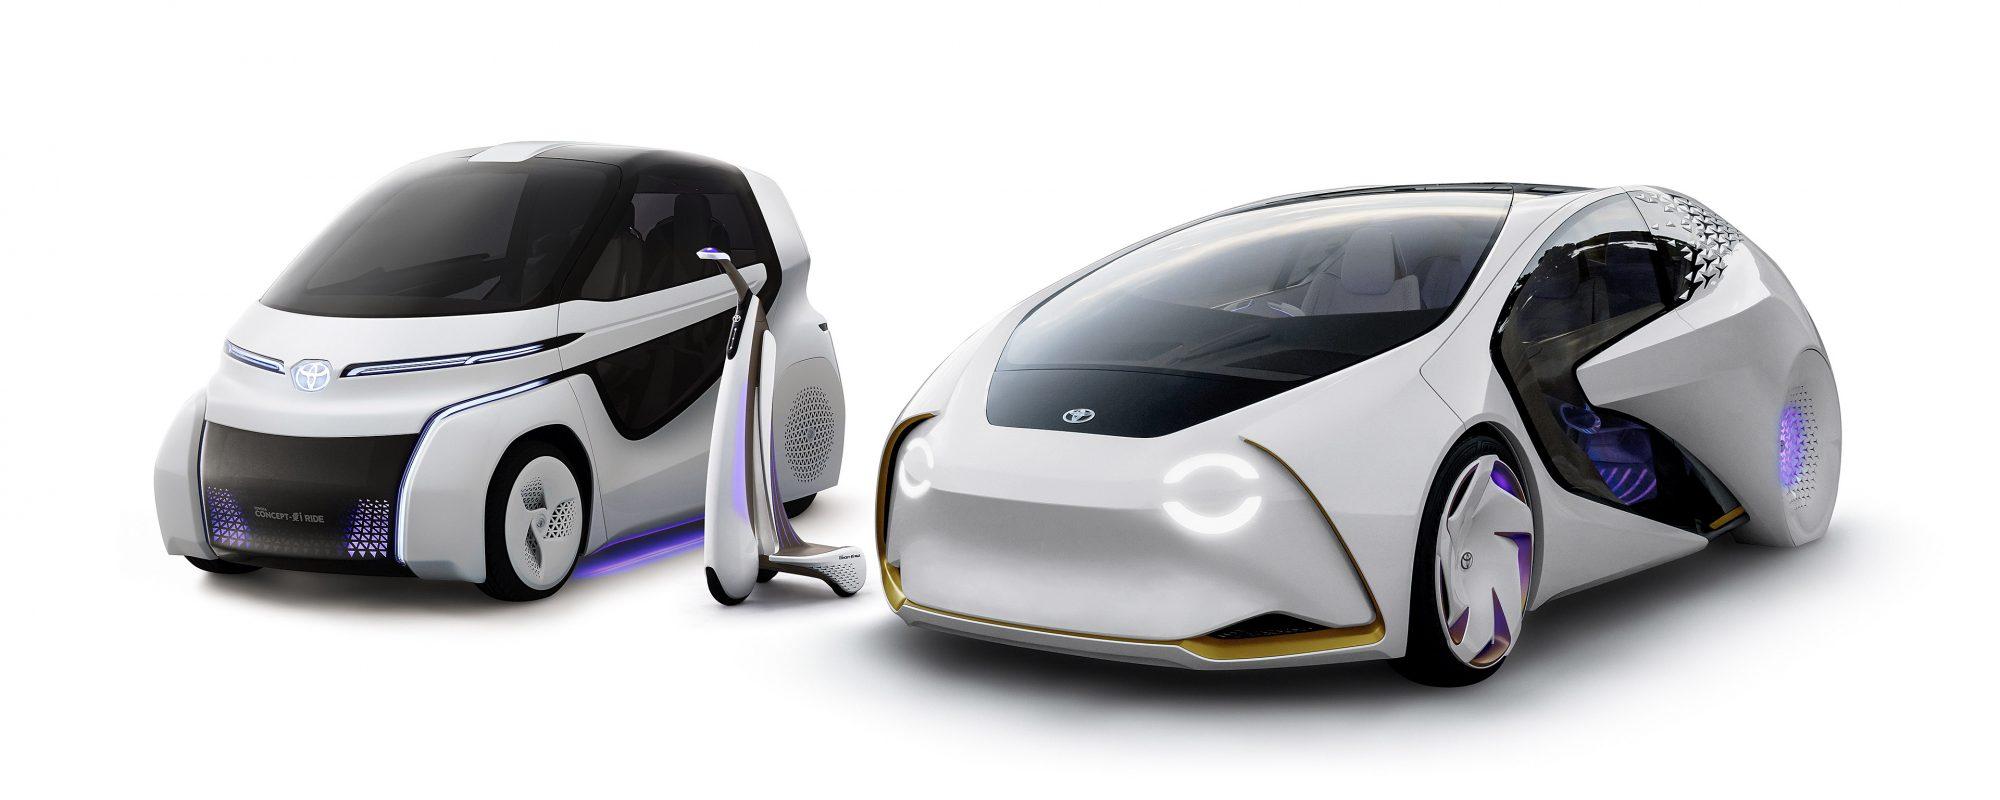 Toyota definieert mobiliteit van de toekomst met Concept-i